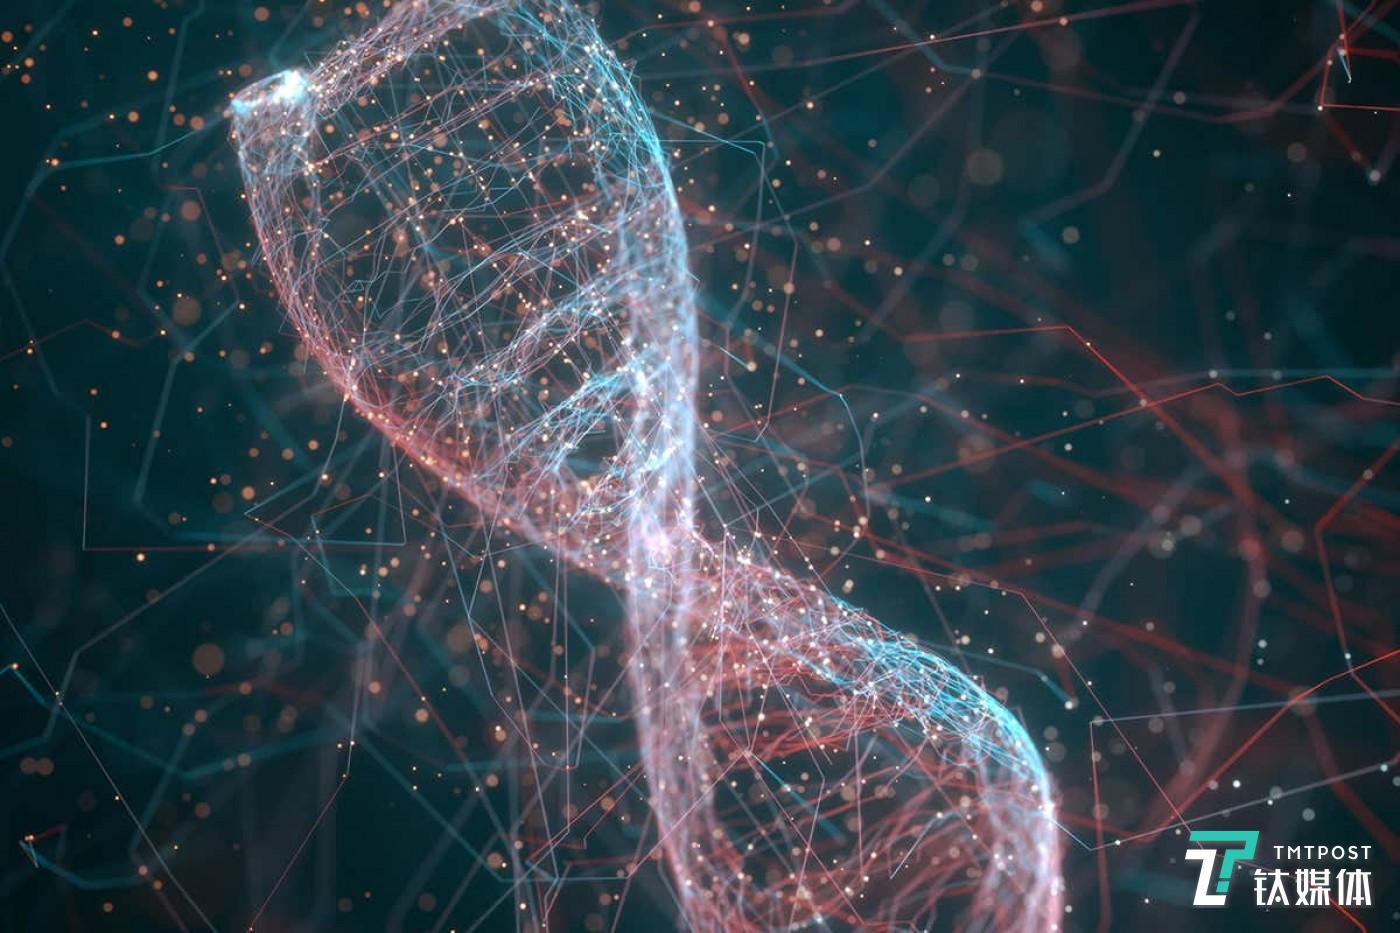 病毒DNA渲染图(来源:科学图片库)